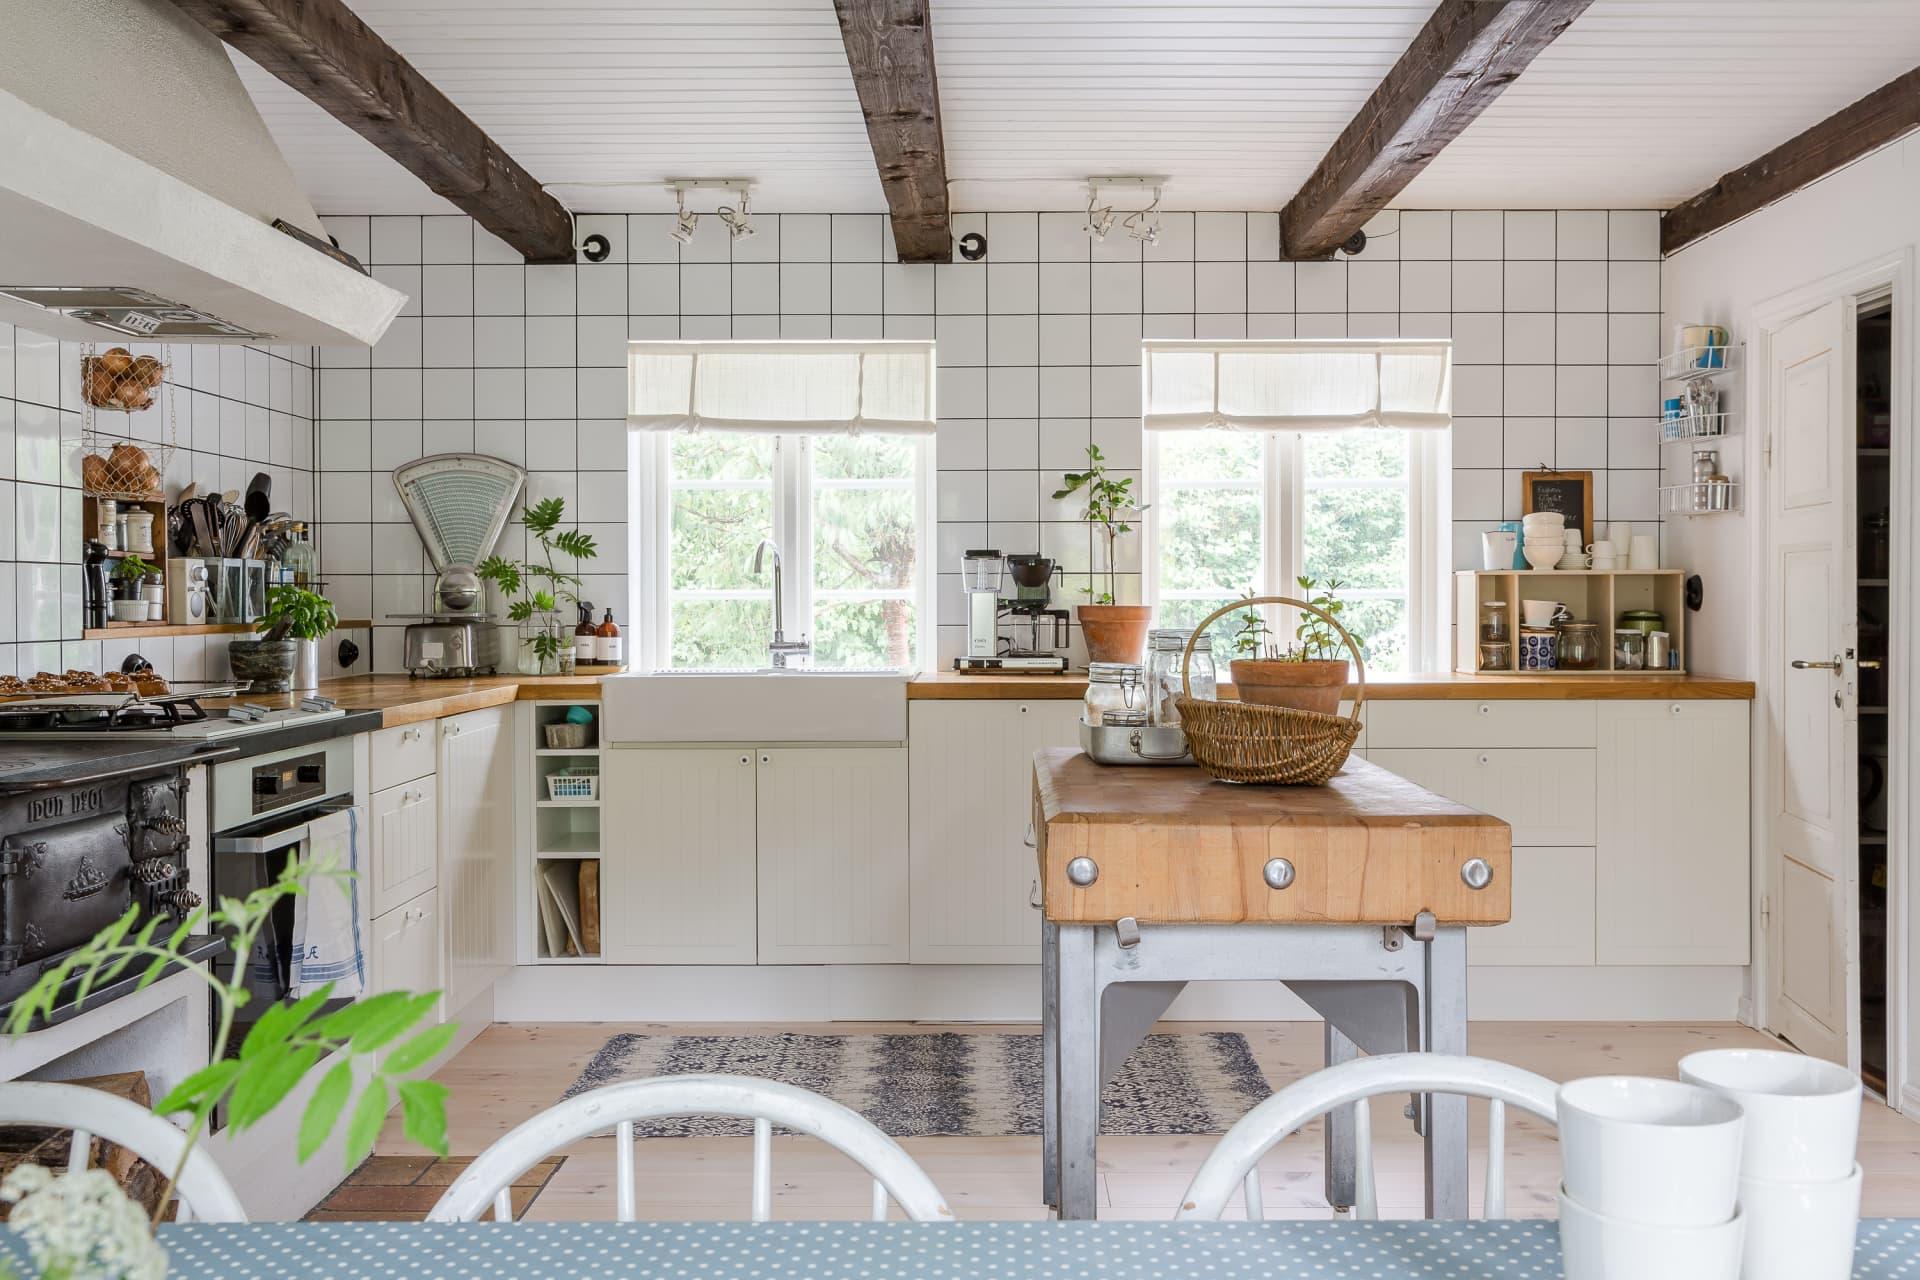 Köket, sombyggdes i samband med tillbyggnaden, är från Ikea. Familjen ville absolut ha en vedspis i köket, eftersom de visste att det hade funnits i det gamla torpet. Köksön består aven gammal välbevarad slaktbänk köpt second hand.